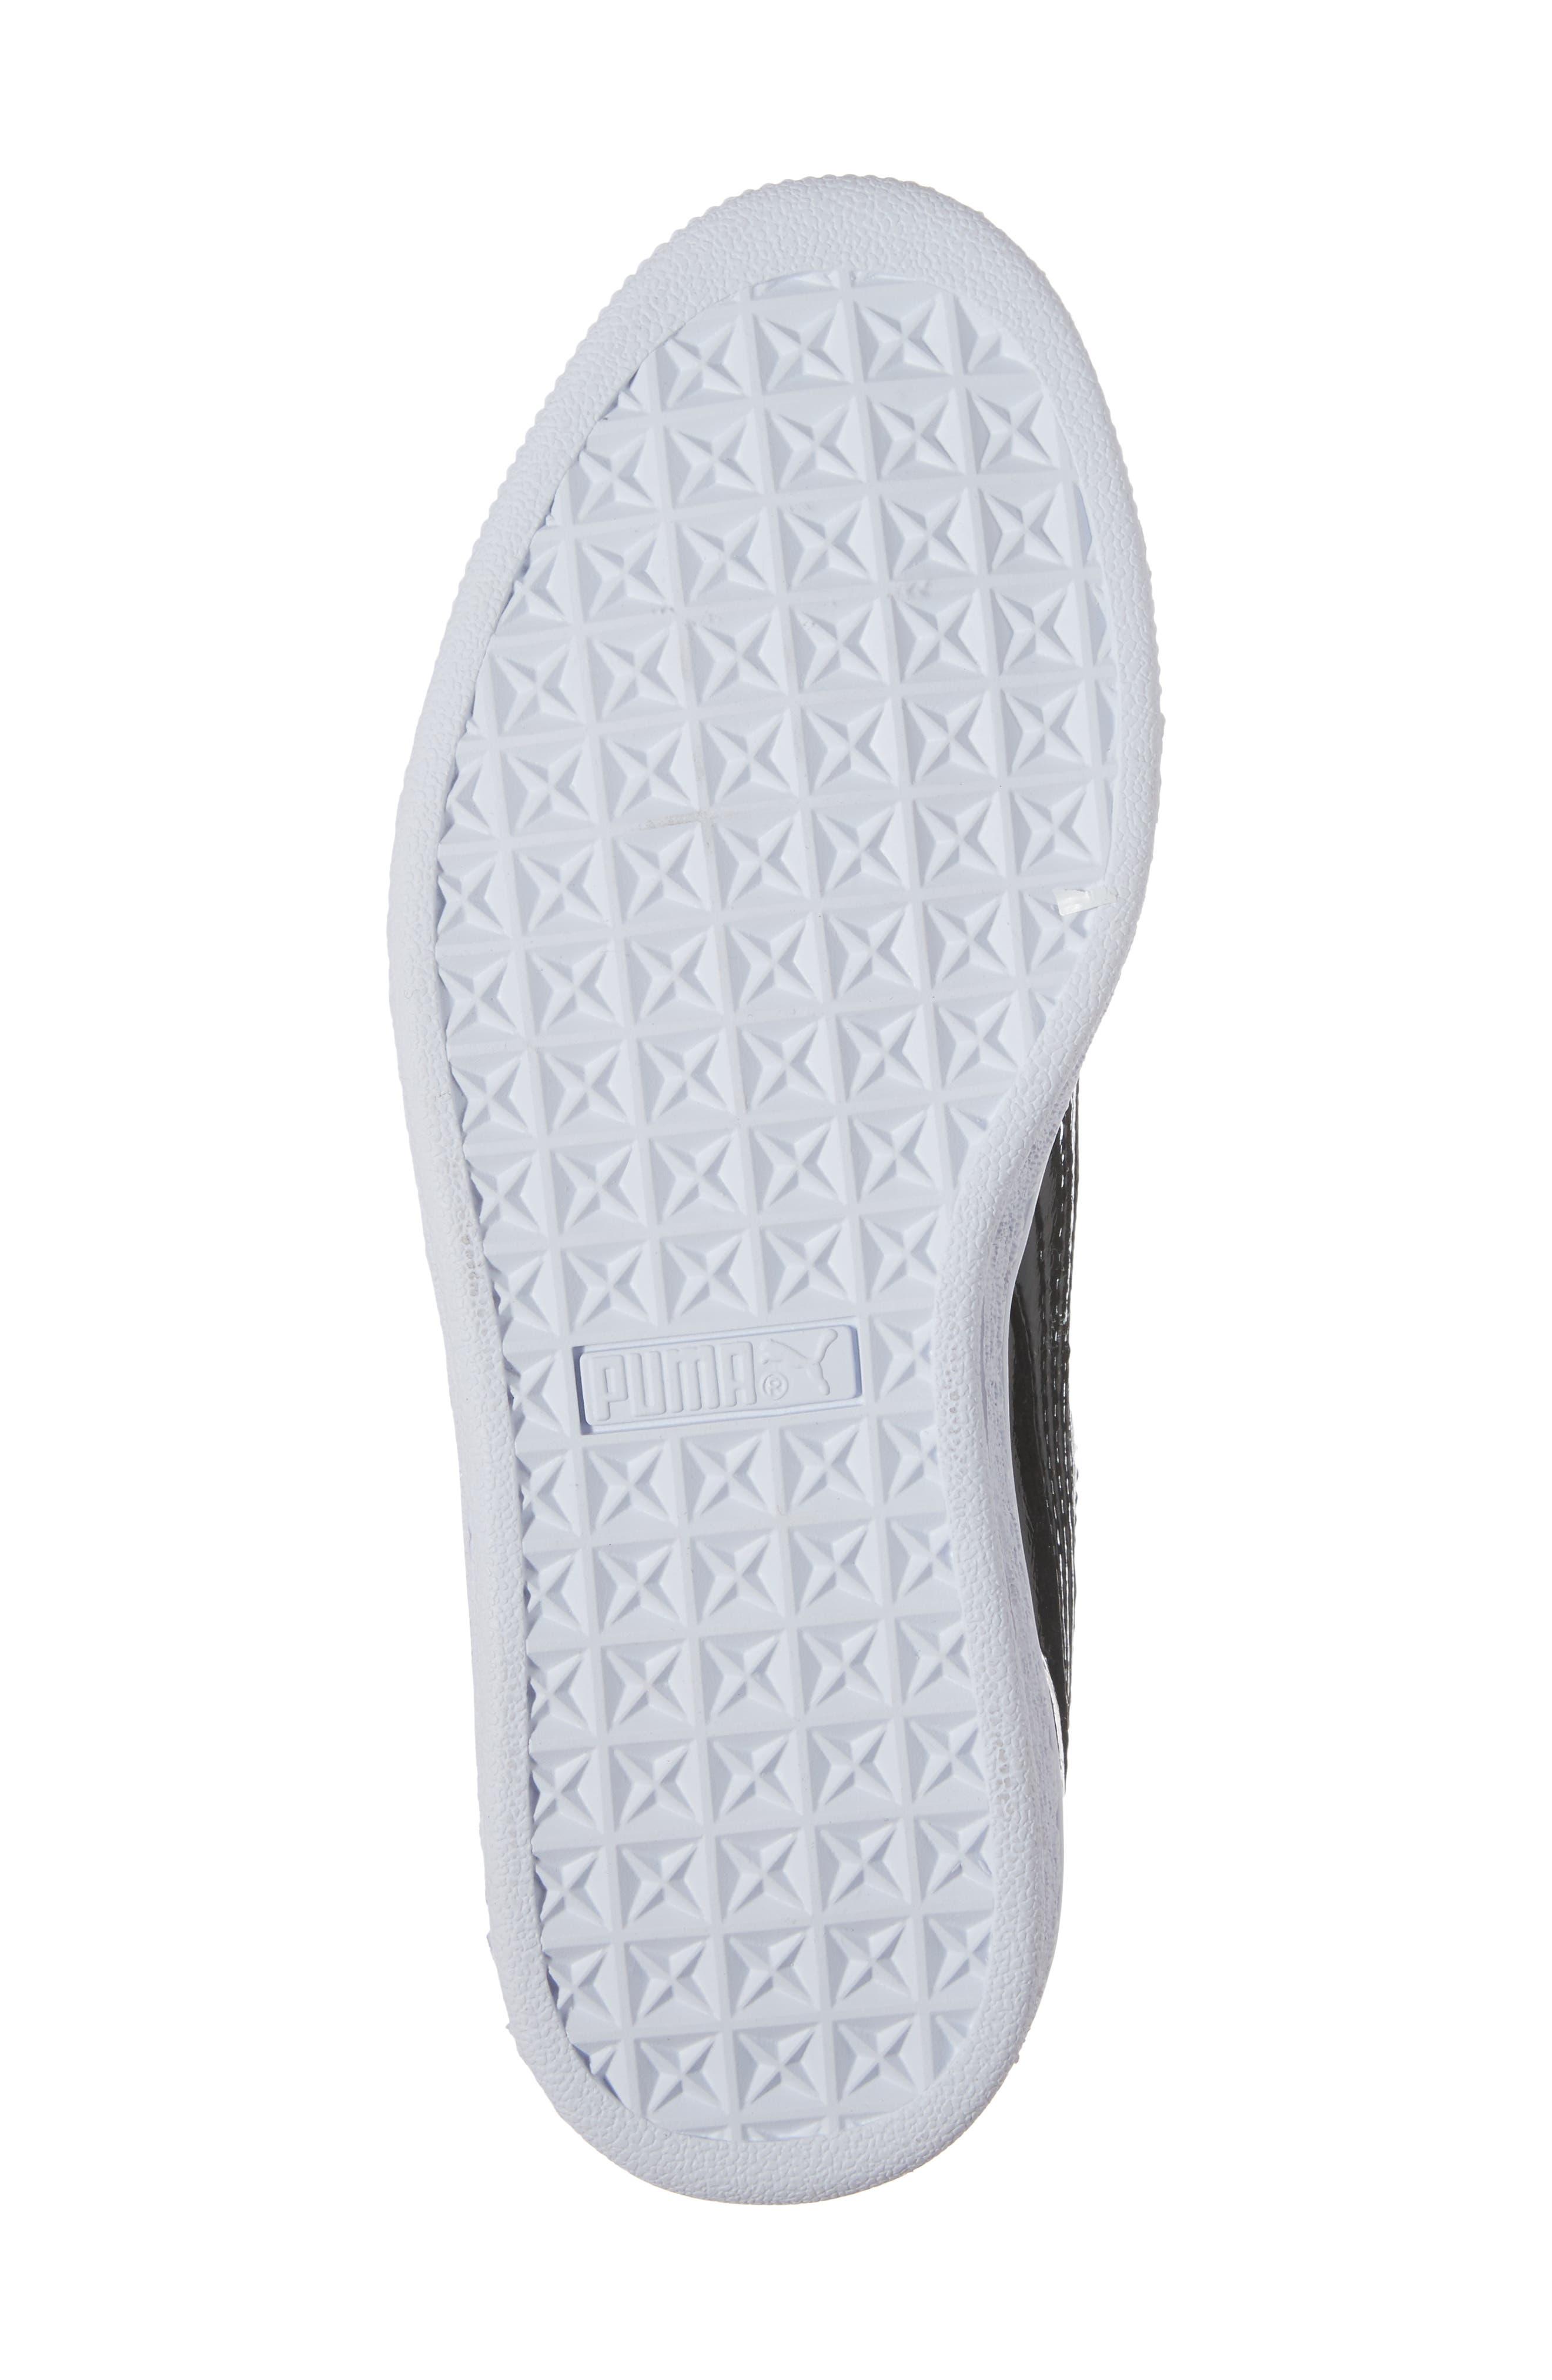 Basket Heart Glam Sneaker,                             Alternate thumbnail 6, color,                             001